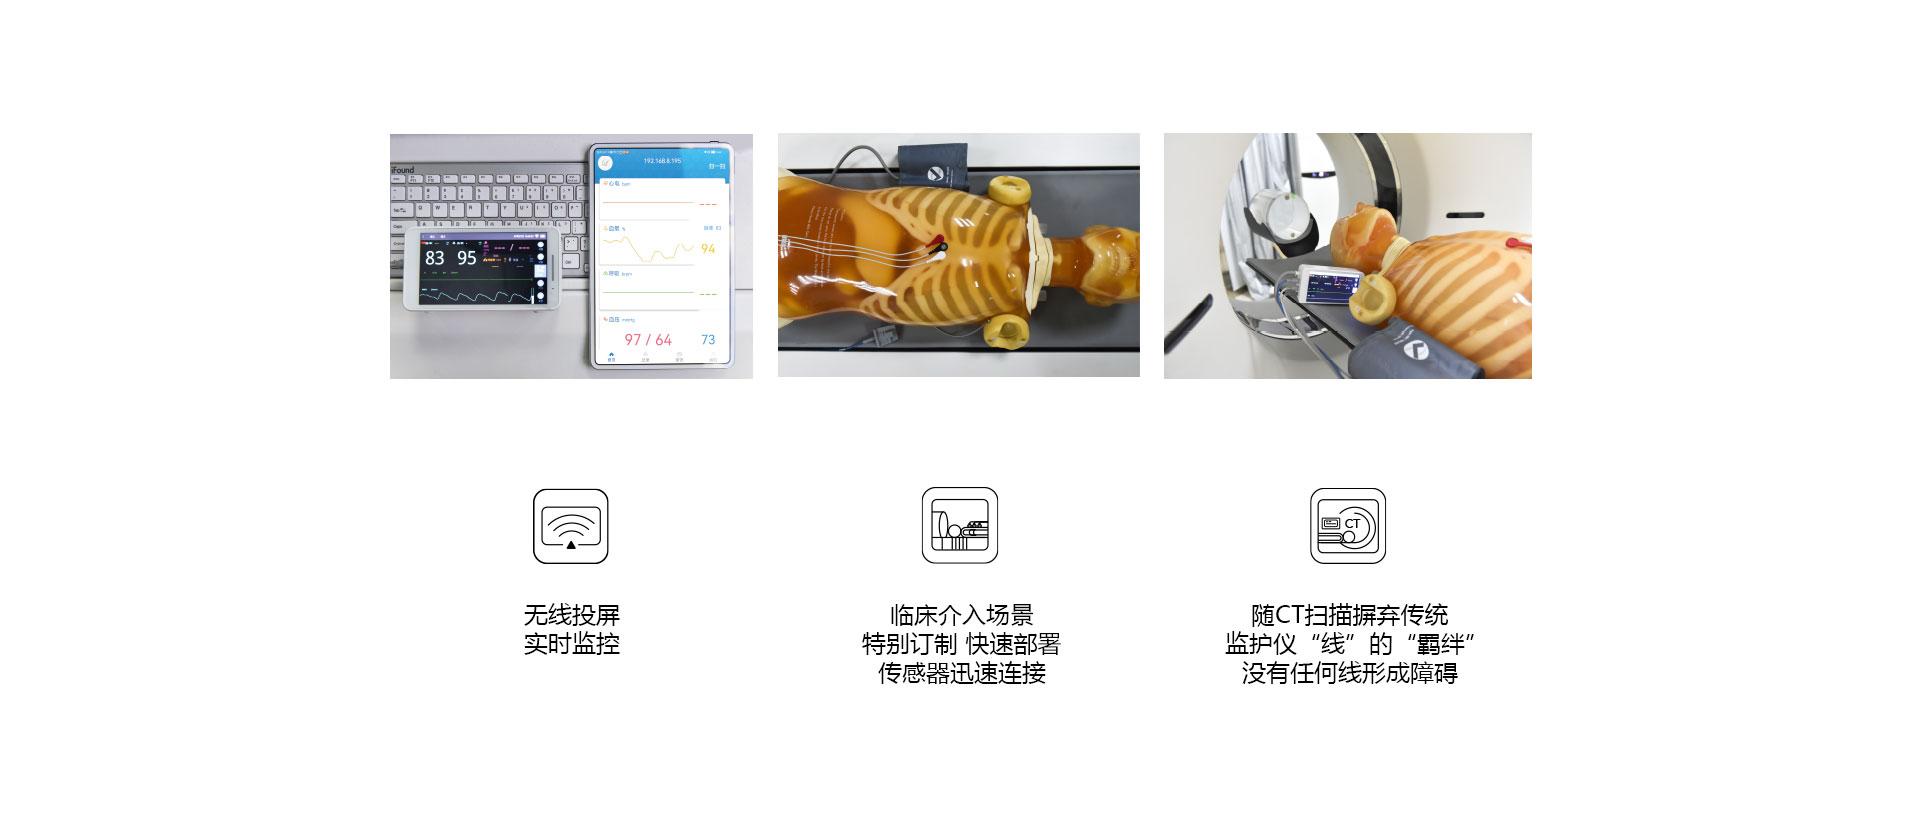 (影像介入)CT介入手术专用监护仪_05.jpg